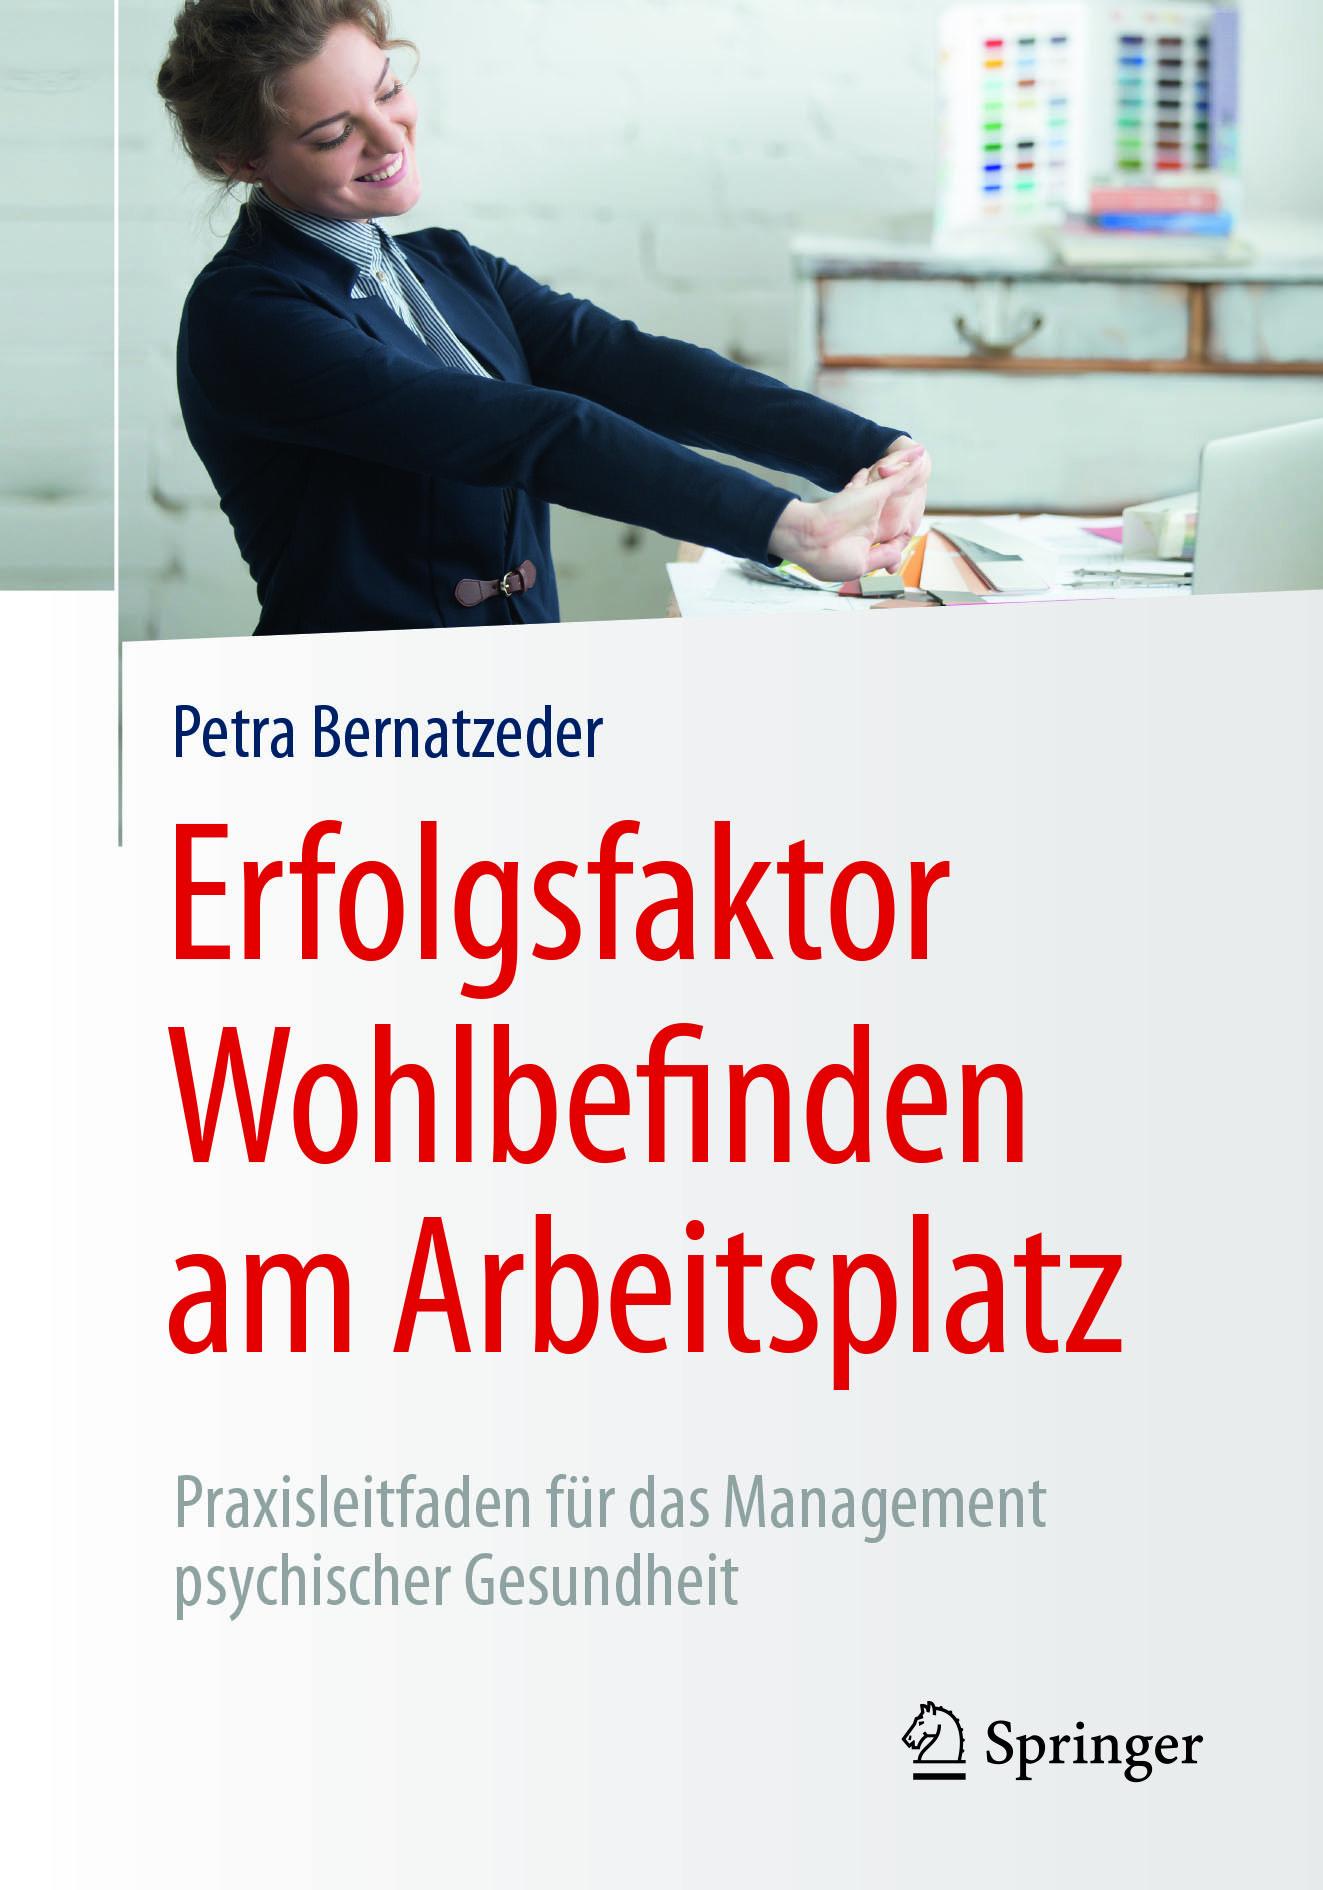 Bernatzeder, Petra - Erfolgsfaktor Wohlbefinden am Arbeitsplatz, ebook